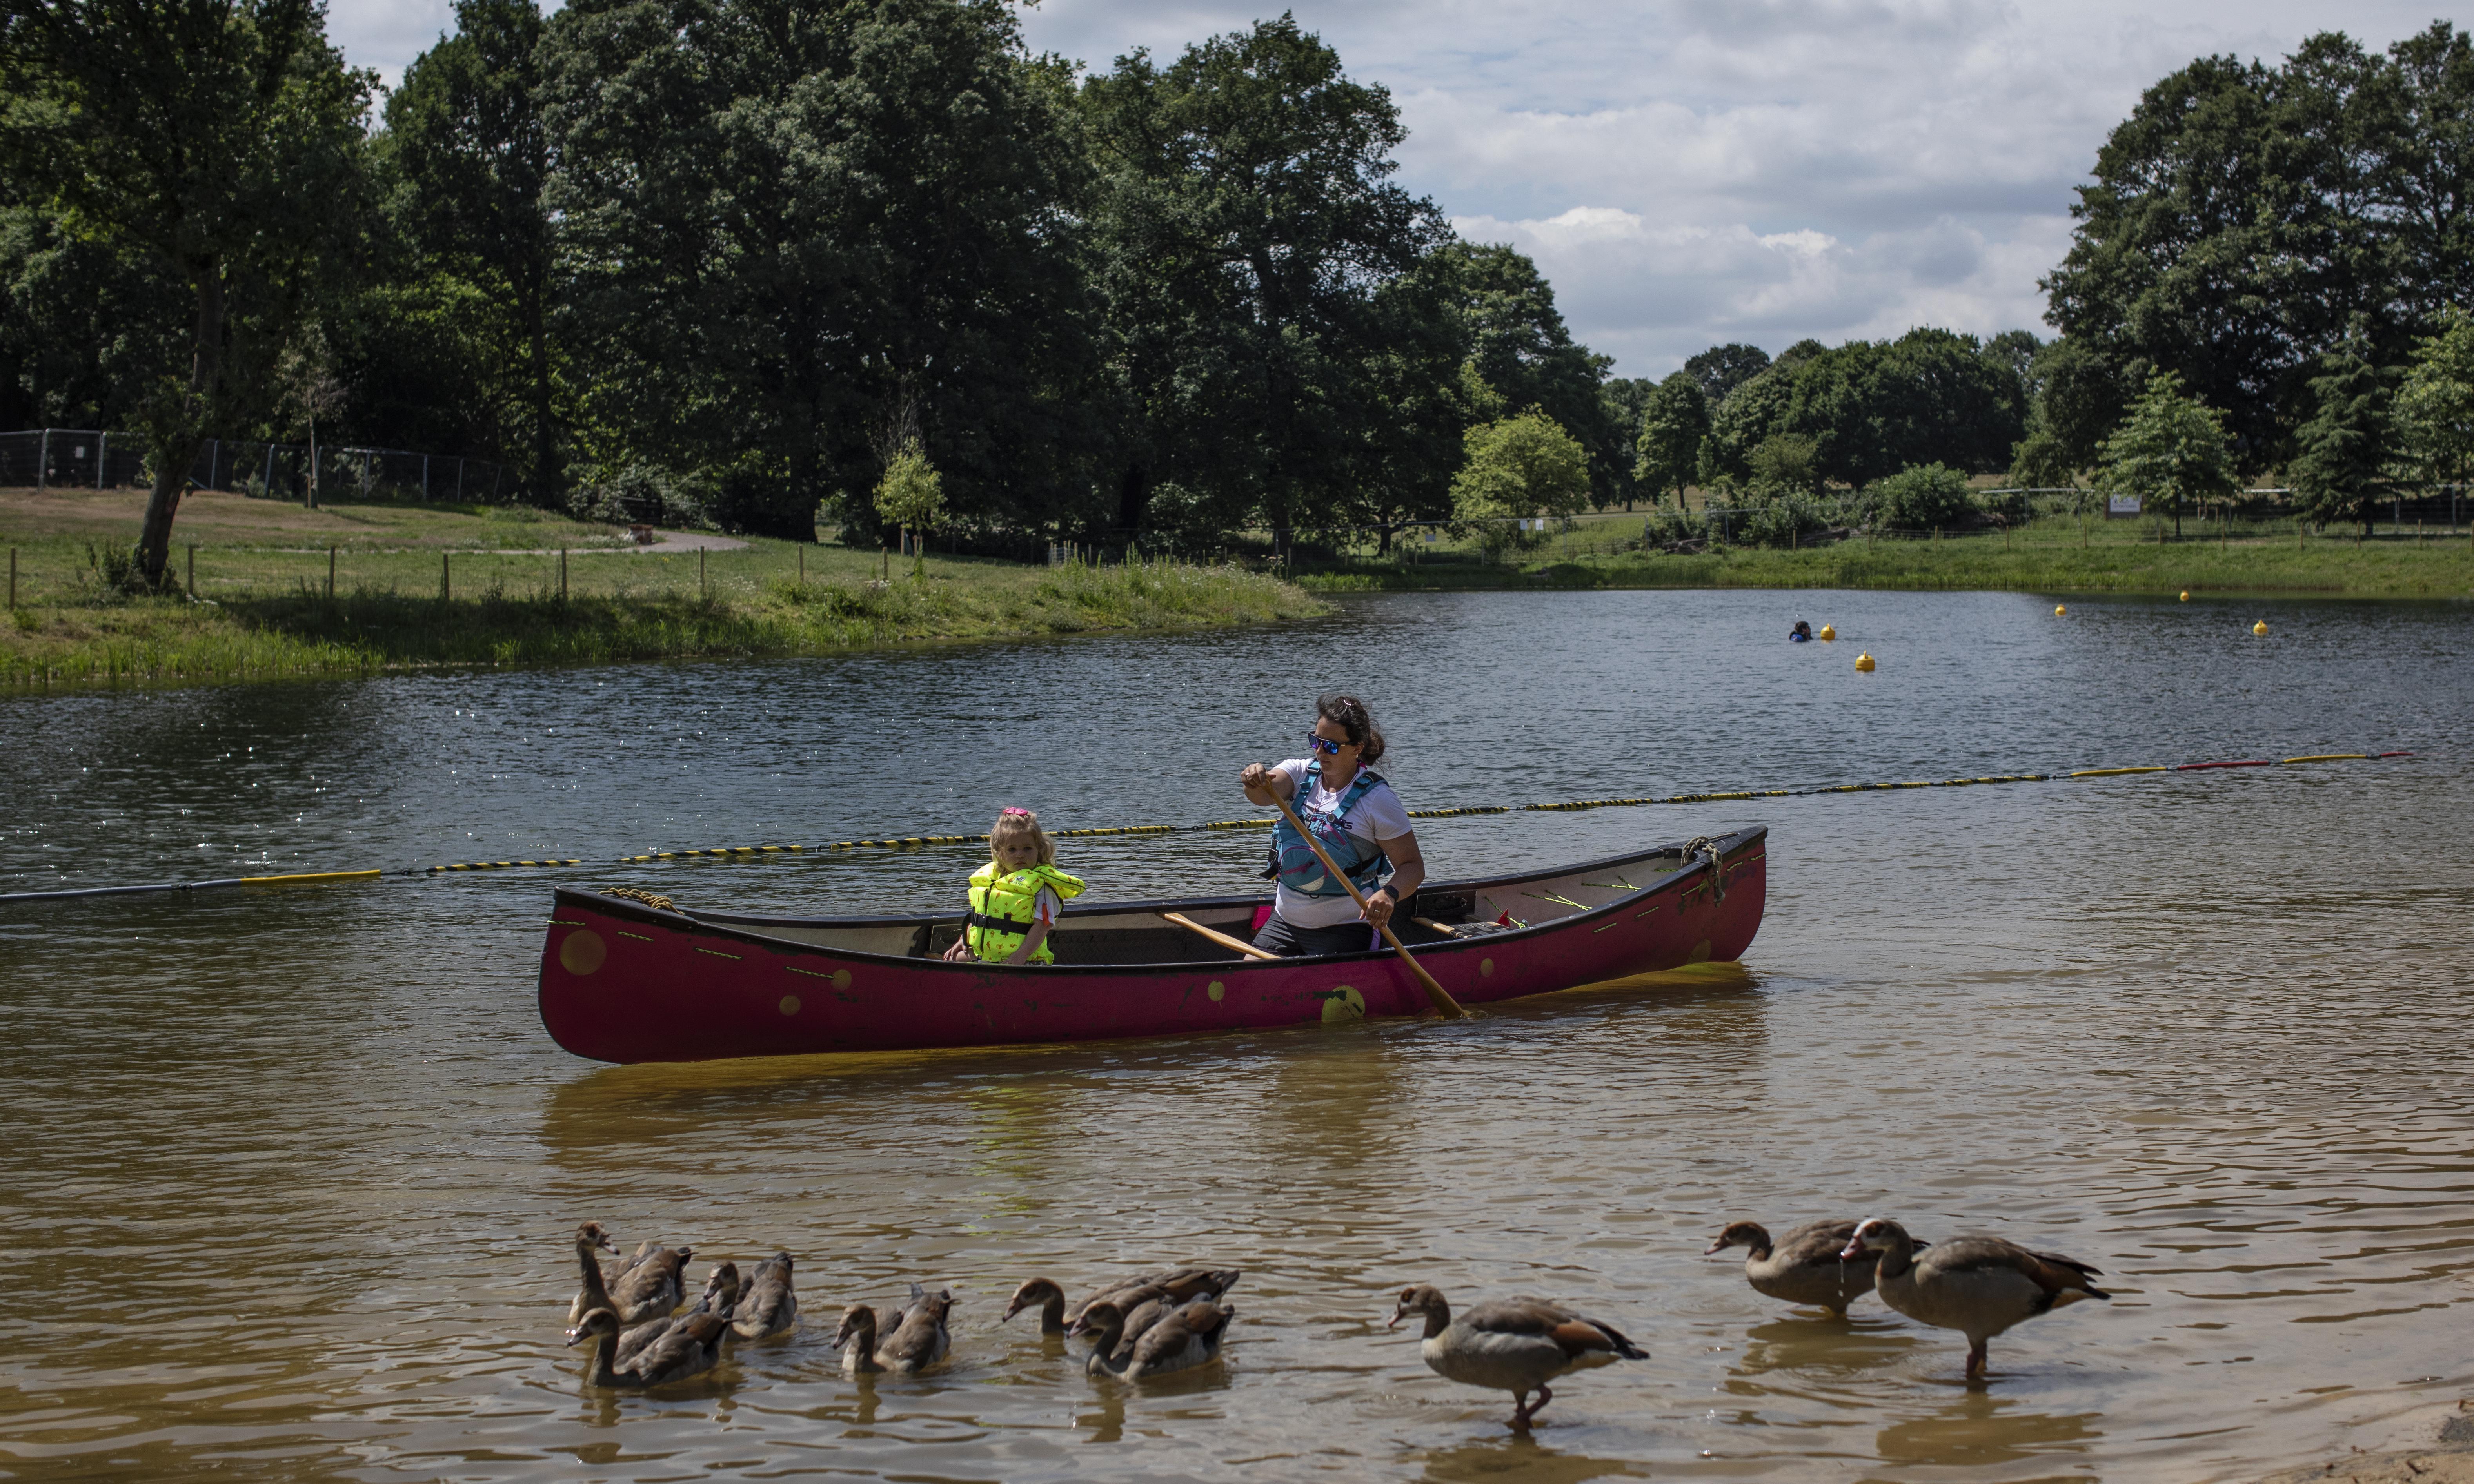 Wild swimming lake to open in Beckenham